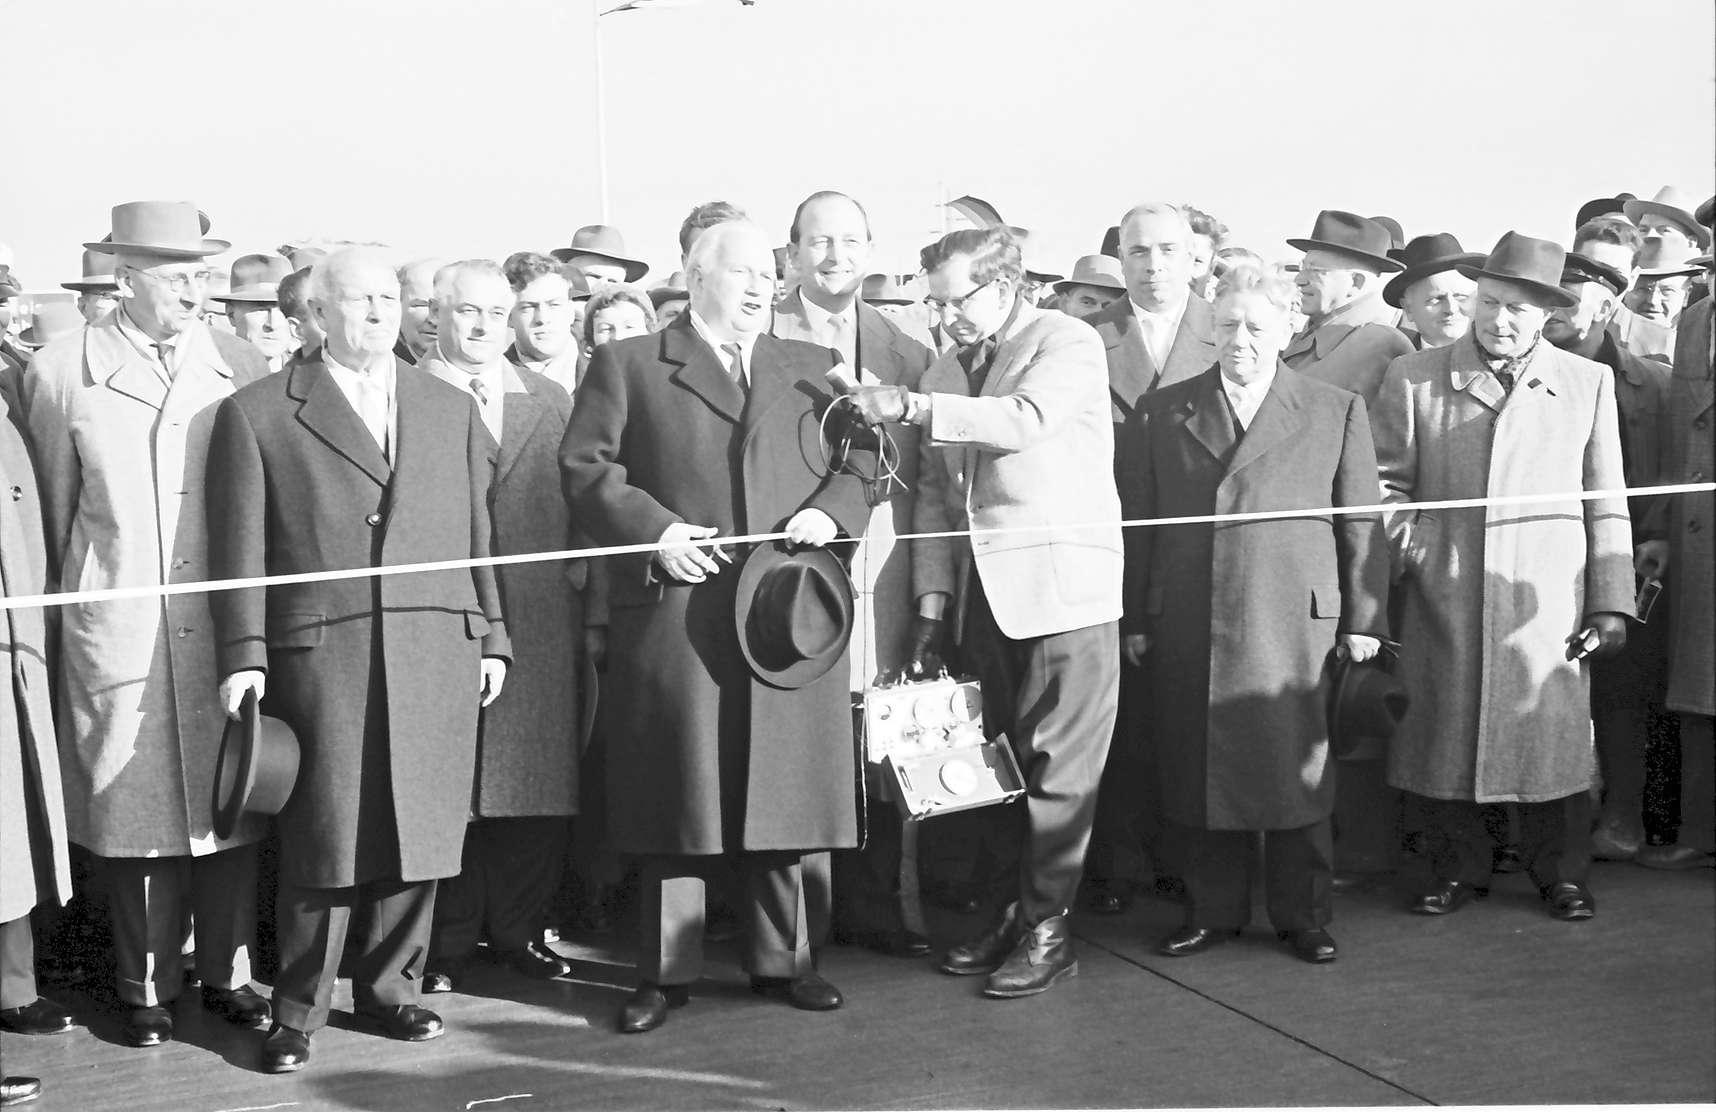 Neuenburg: Eröffnung der Strecke Neuenburg - Märkt; Minister Seebohm durchschneidet Band, Bild 1